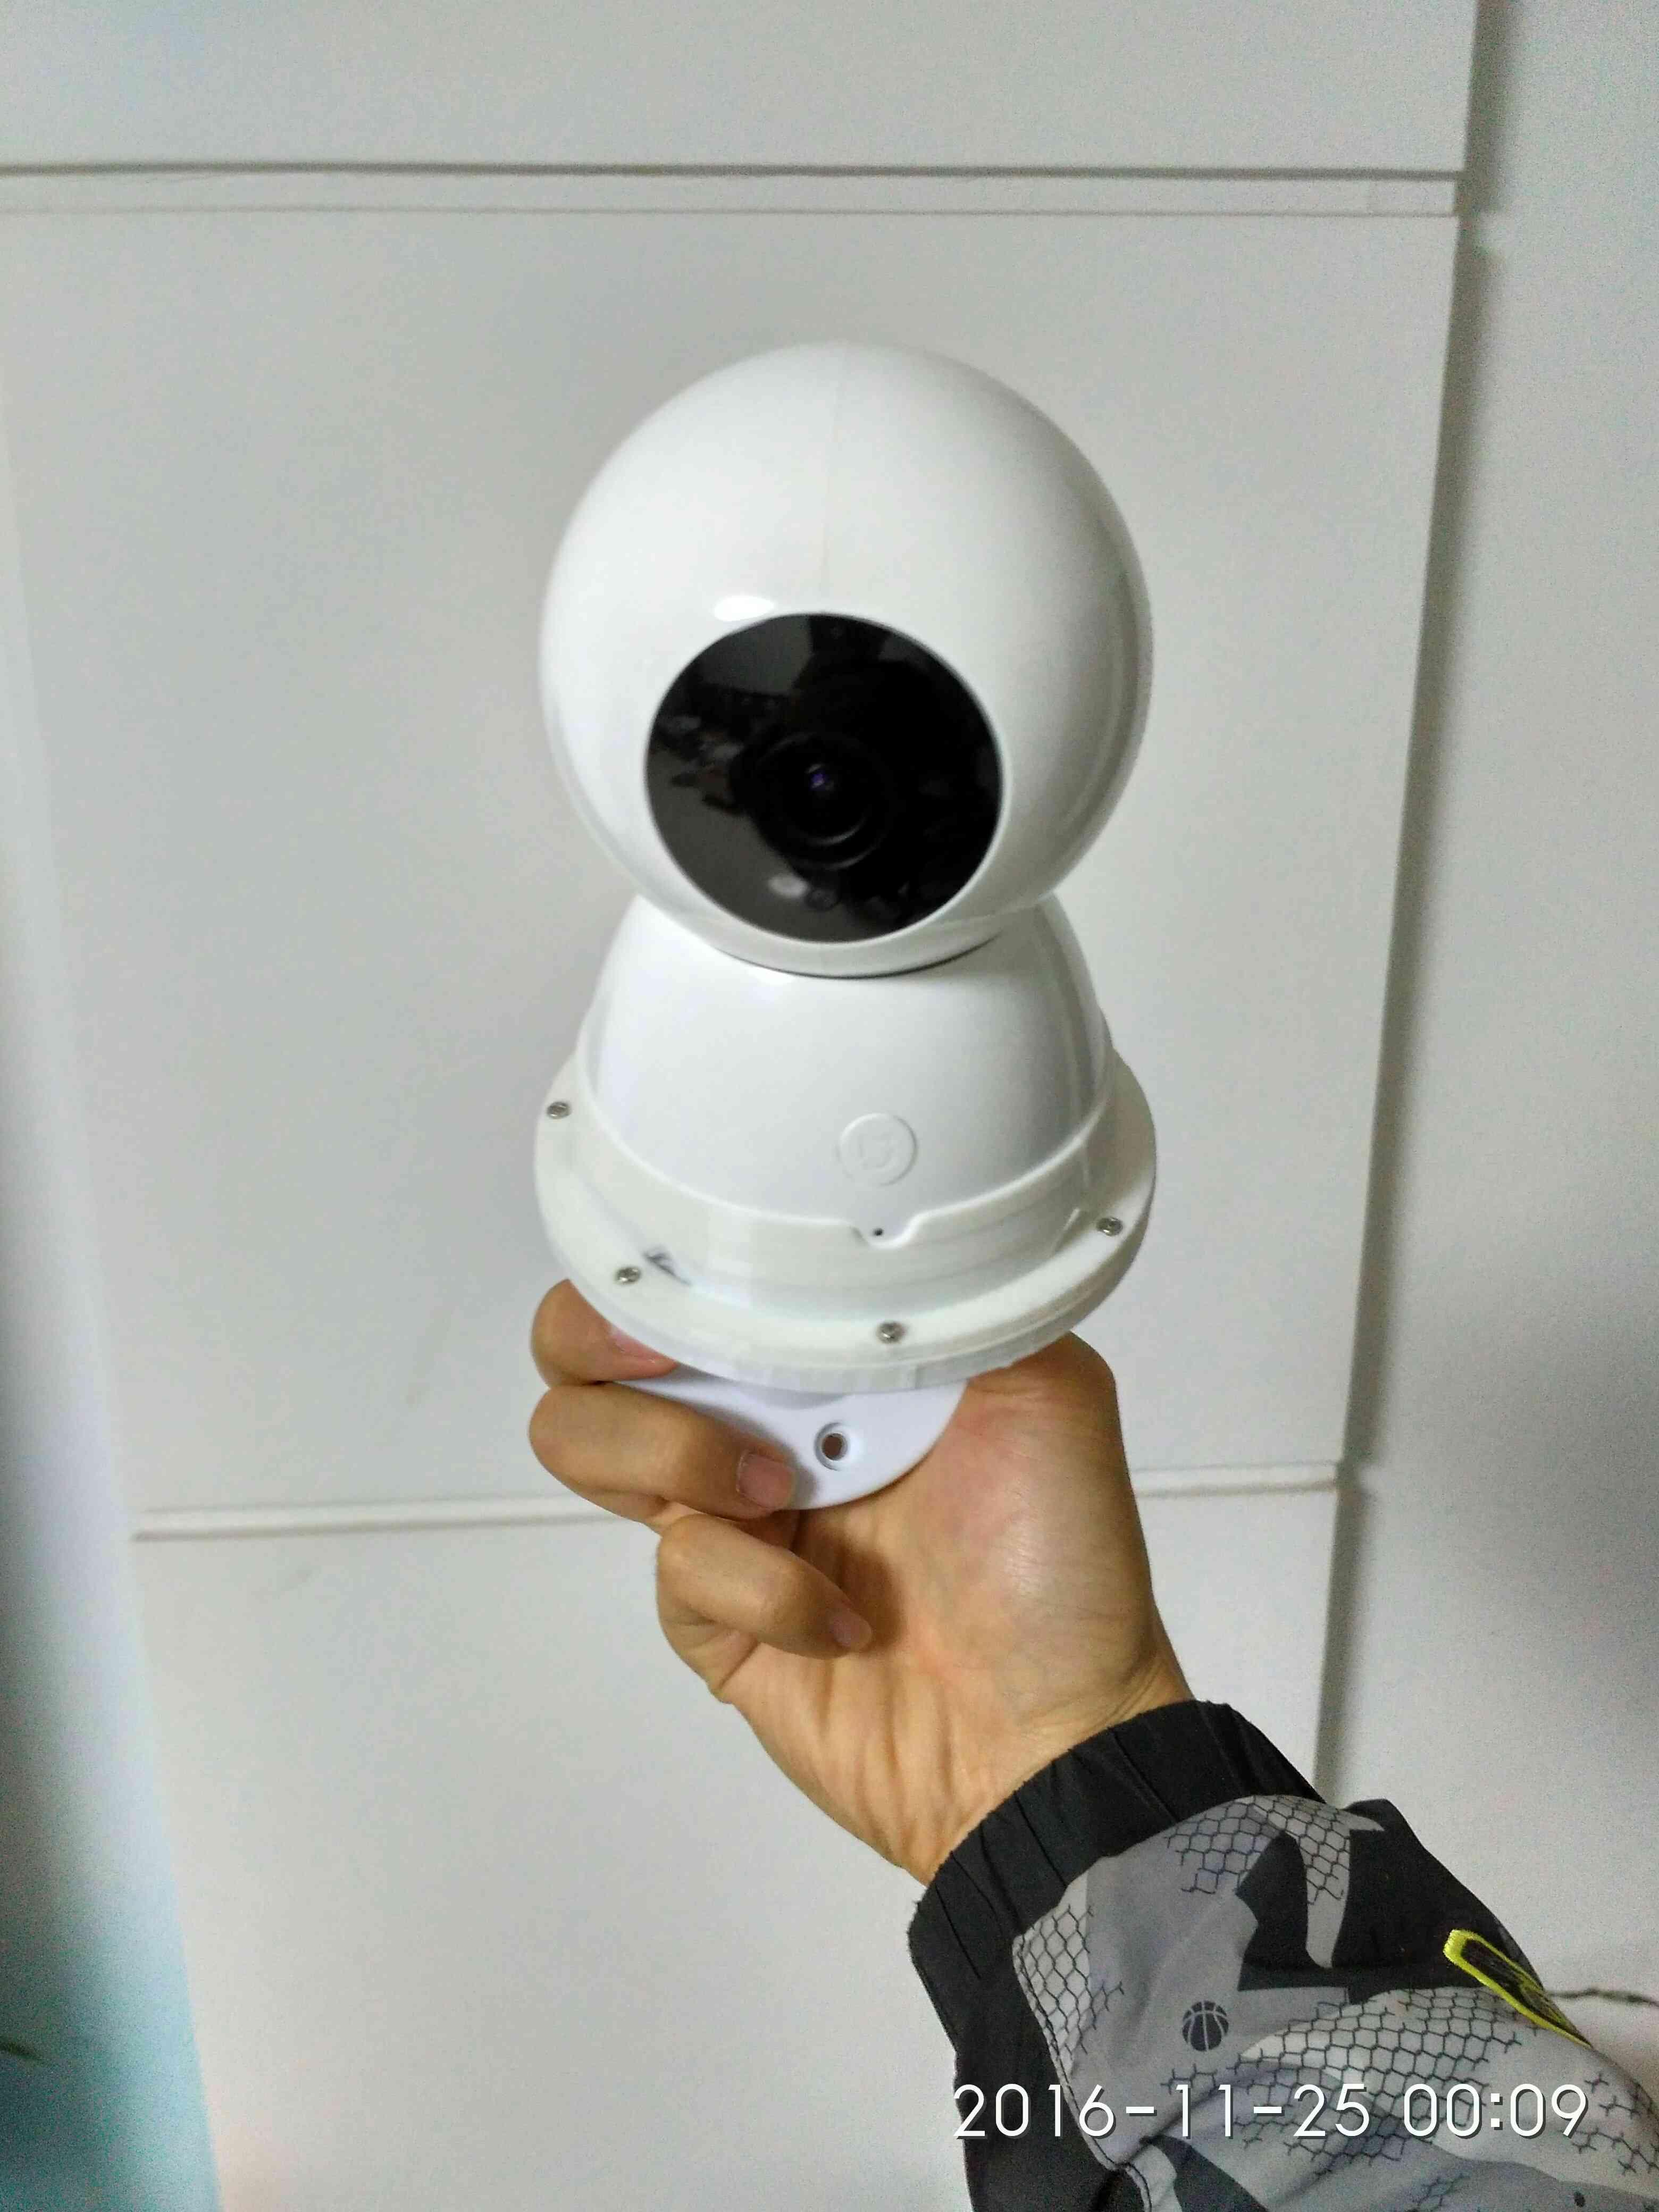 Сяоми метр домой новичок умный камера машины поддержки новичок стоять сяоми стоять небольшой муравей фиксированный на стена надстройка